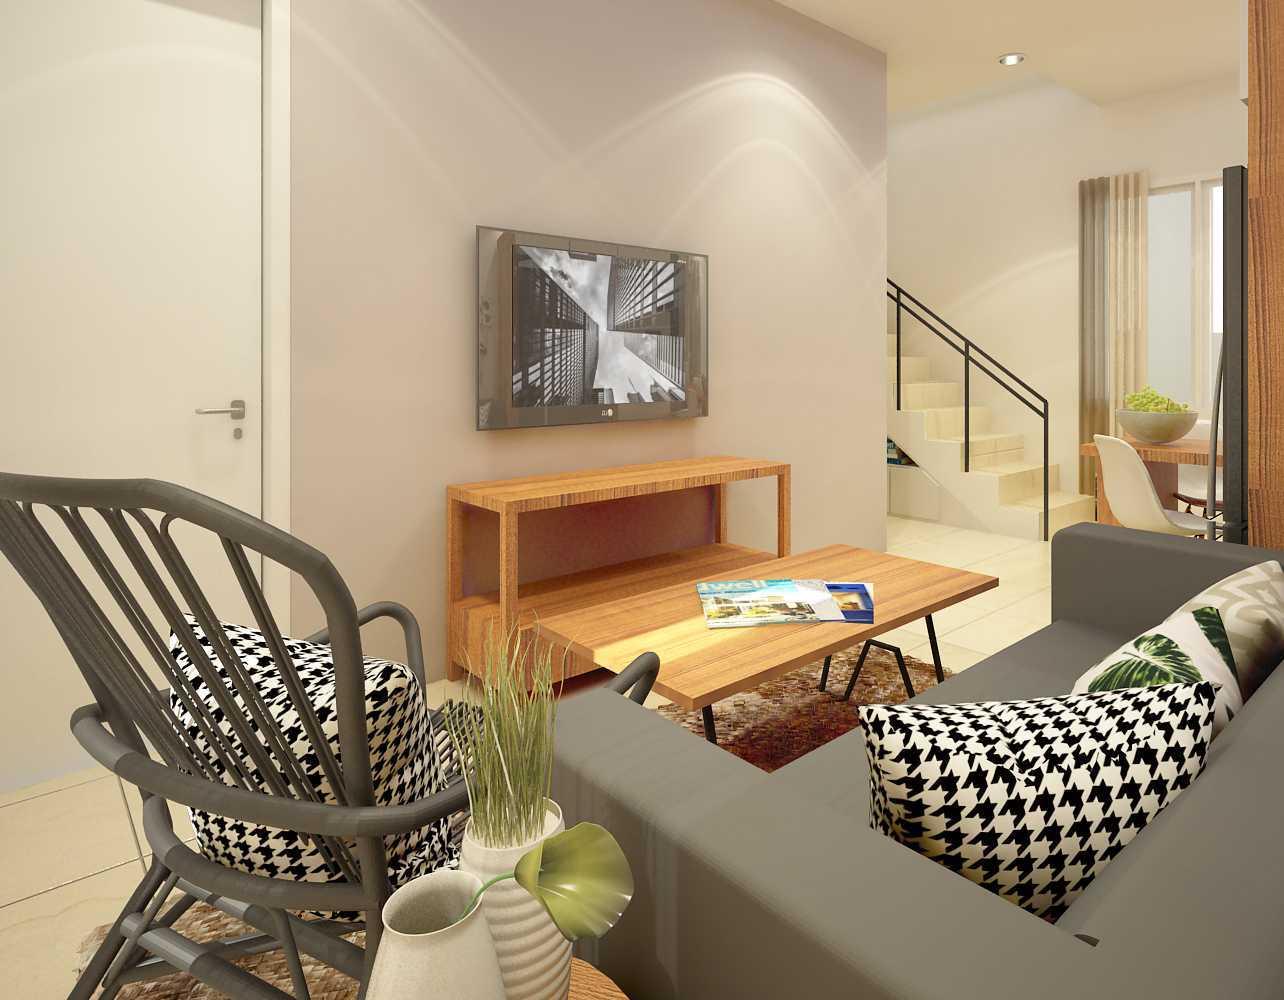 Ruang Komunal Darmawangsa Show Unit Bekasi Bekasi Living-3 Modern 21510